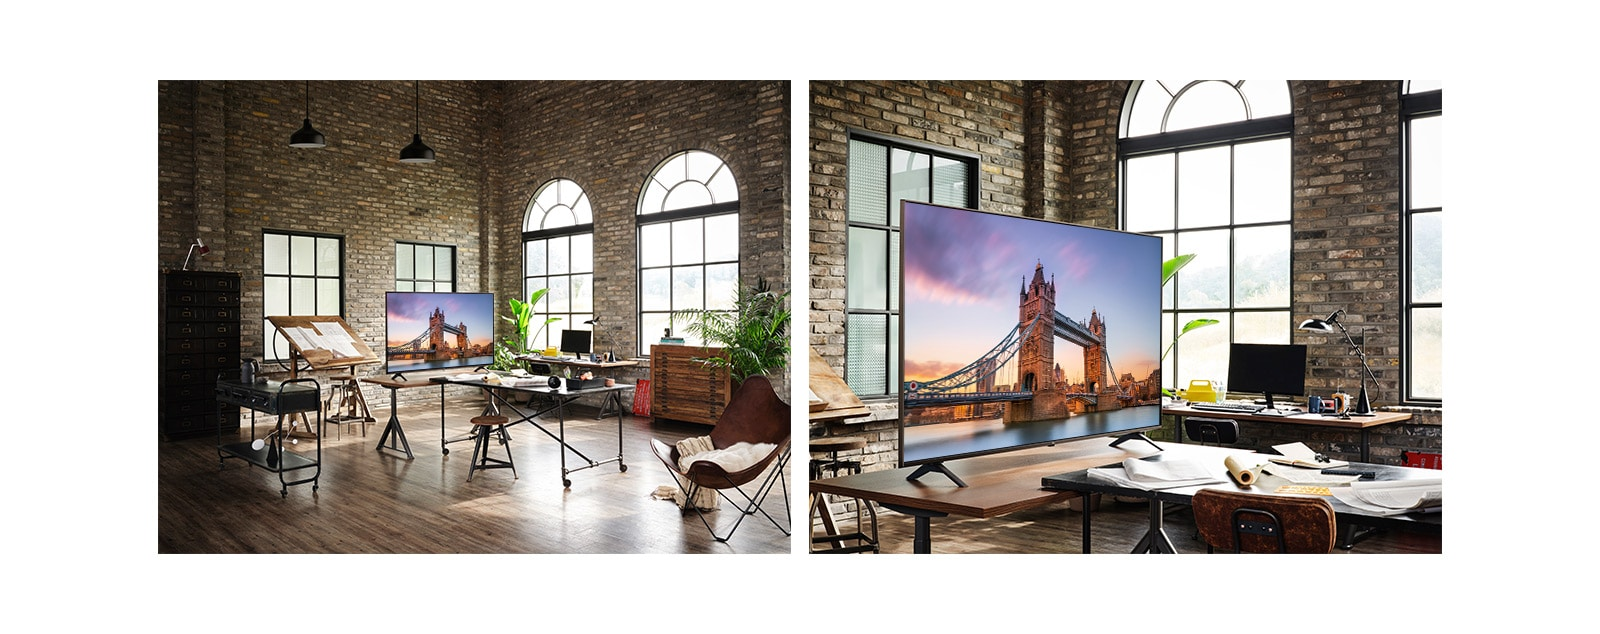 Senoviniame darbo kambaryje esantis televizorius, kuriame rodomas Londono tiltas. Senoviniame darbo kambaryje ant stalo esančio televizoriaus, kuriame rodomas Londono tiltas, vaizdas stambiu planu.